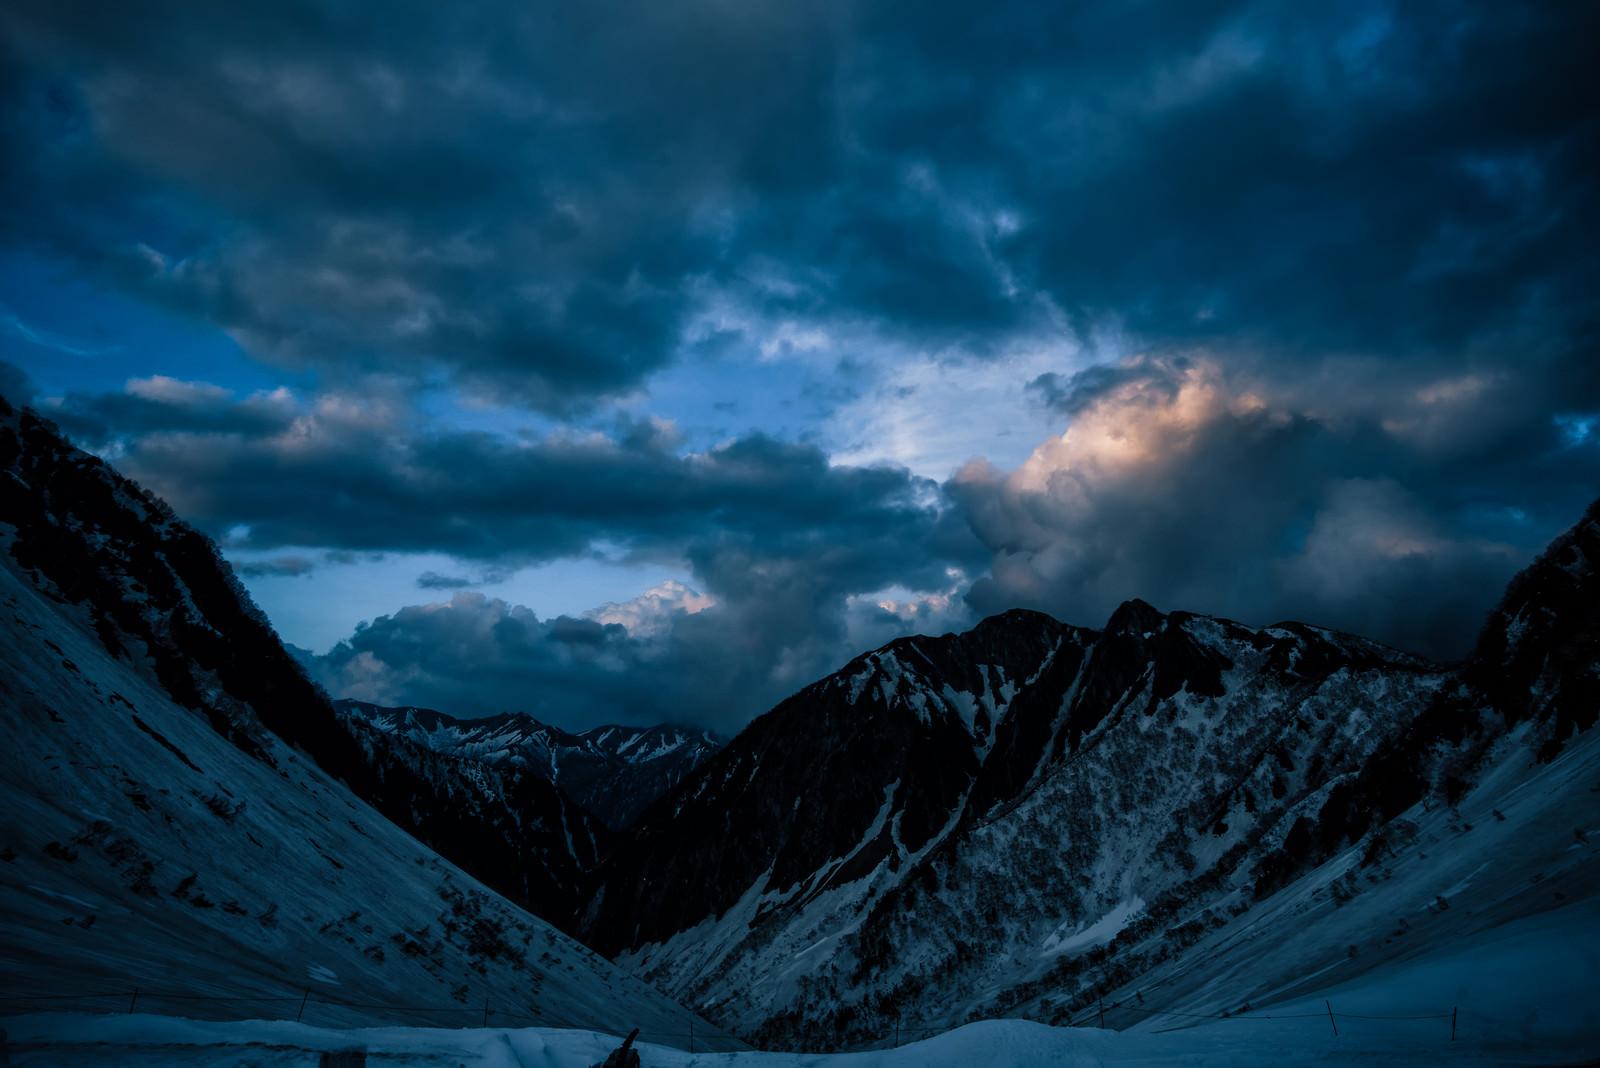 「残雪期の涸沢の夕暮れ(常念山脈方面)」の写真